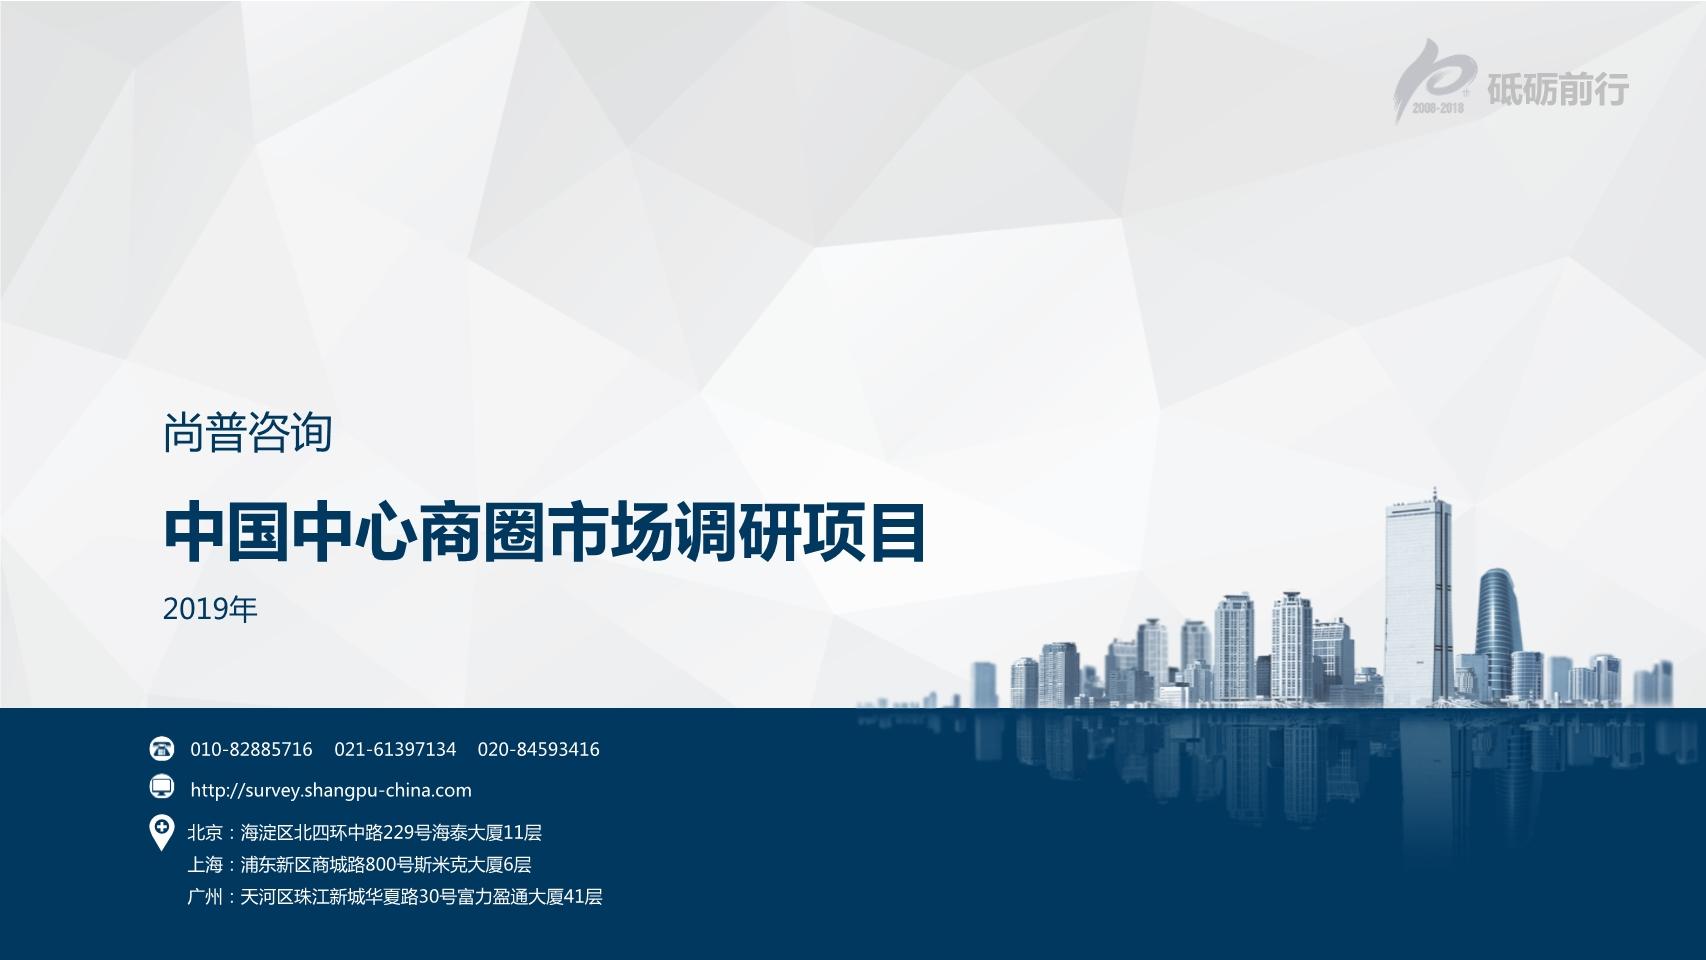 尚普咨询-中国中心商圈市场调研项目